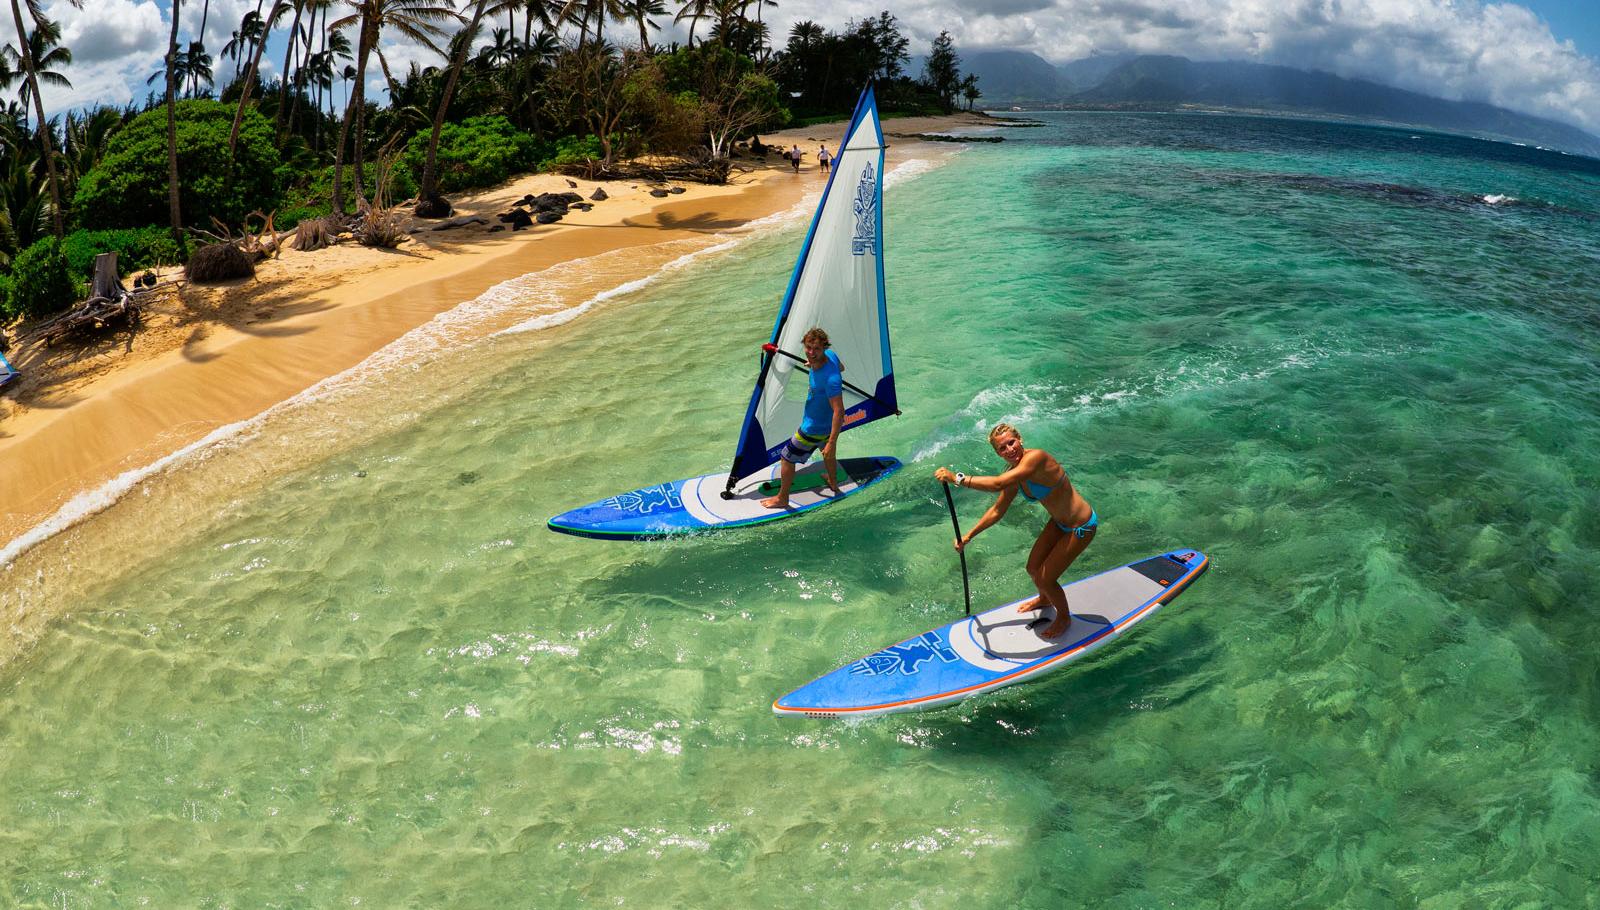 Outdoor Station - Izposoja opreme za vodne športe - SUP deske, vesla, dodatni, surf oprema ...